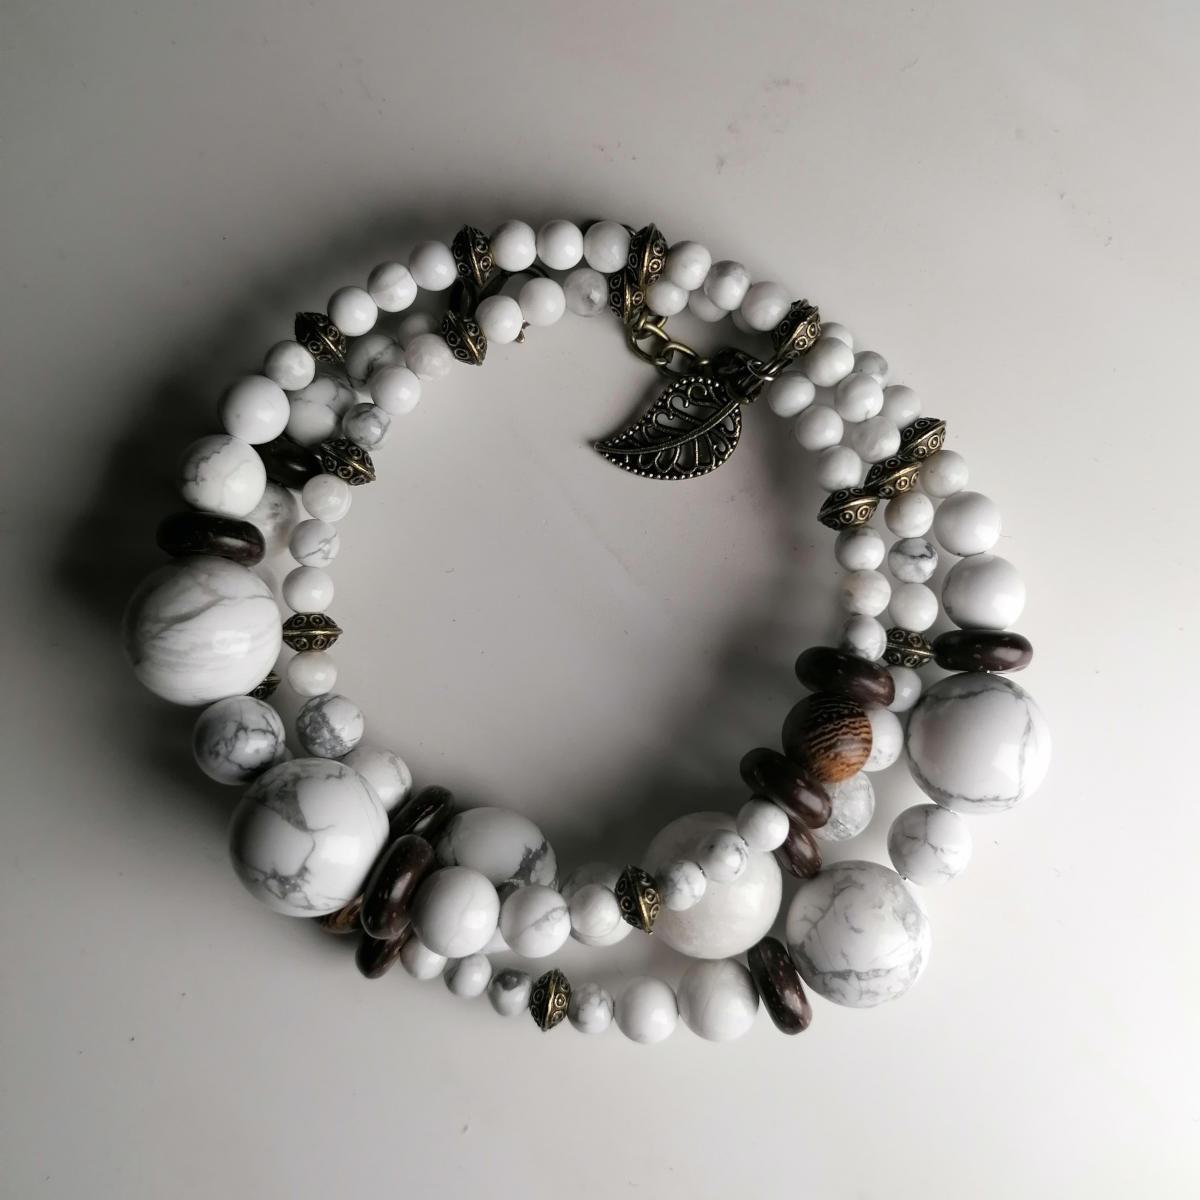 Spiral-Perlenarmbänder aus Howlith - Handgemachte Valentinstagsgeschenke von Avanova Design